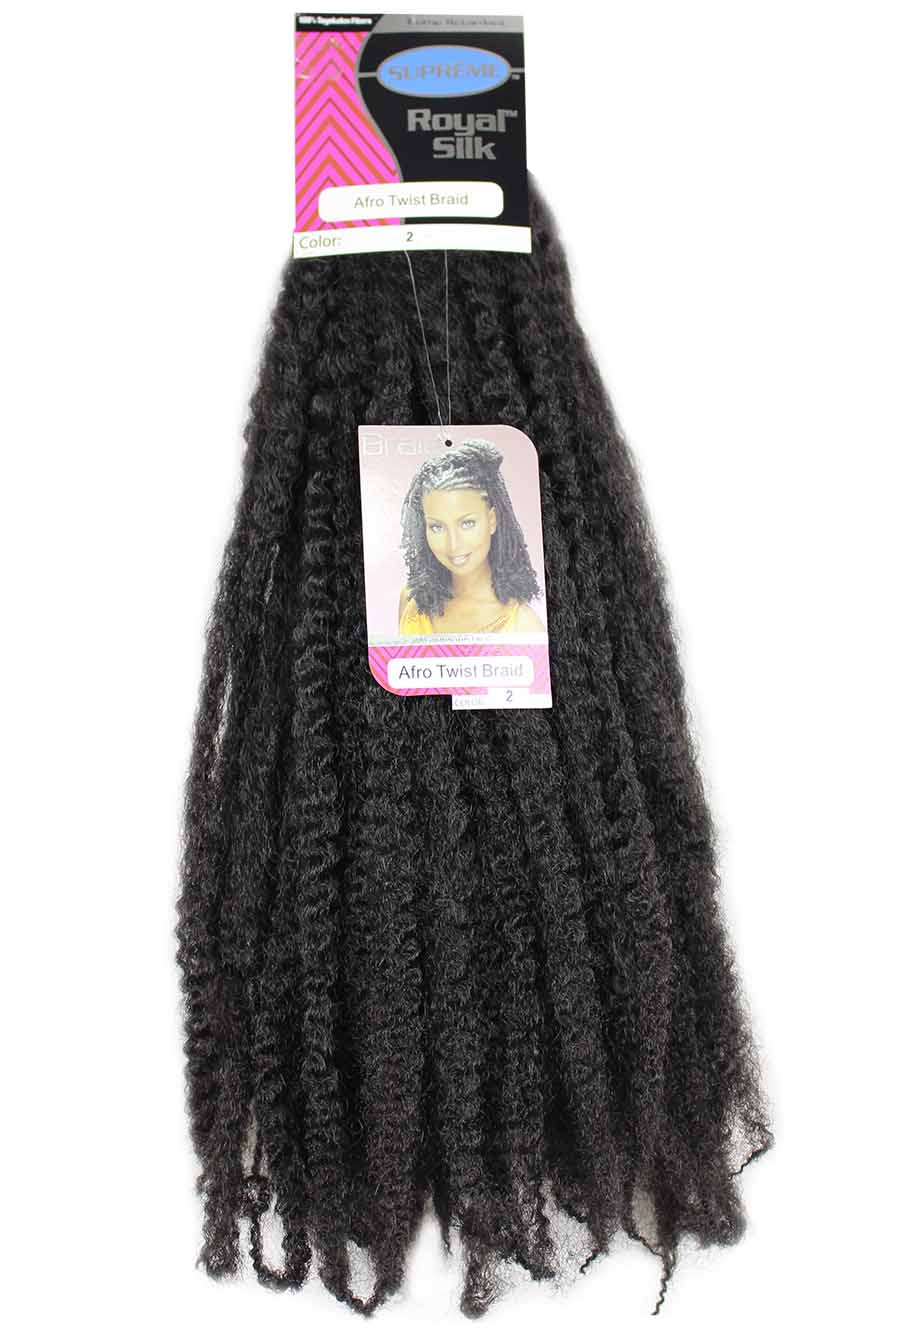 Cabelo Sintético - Suprême Royal Silk - Afro Twist Braid (Marley Hair)